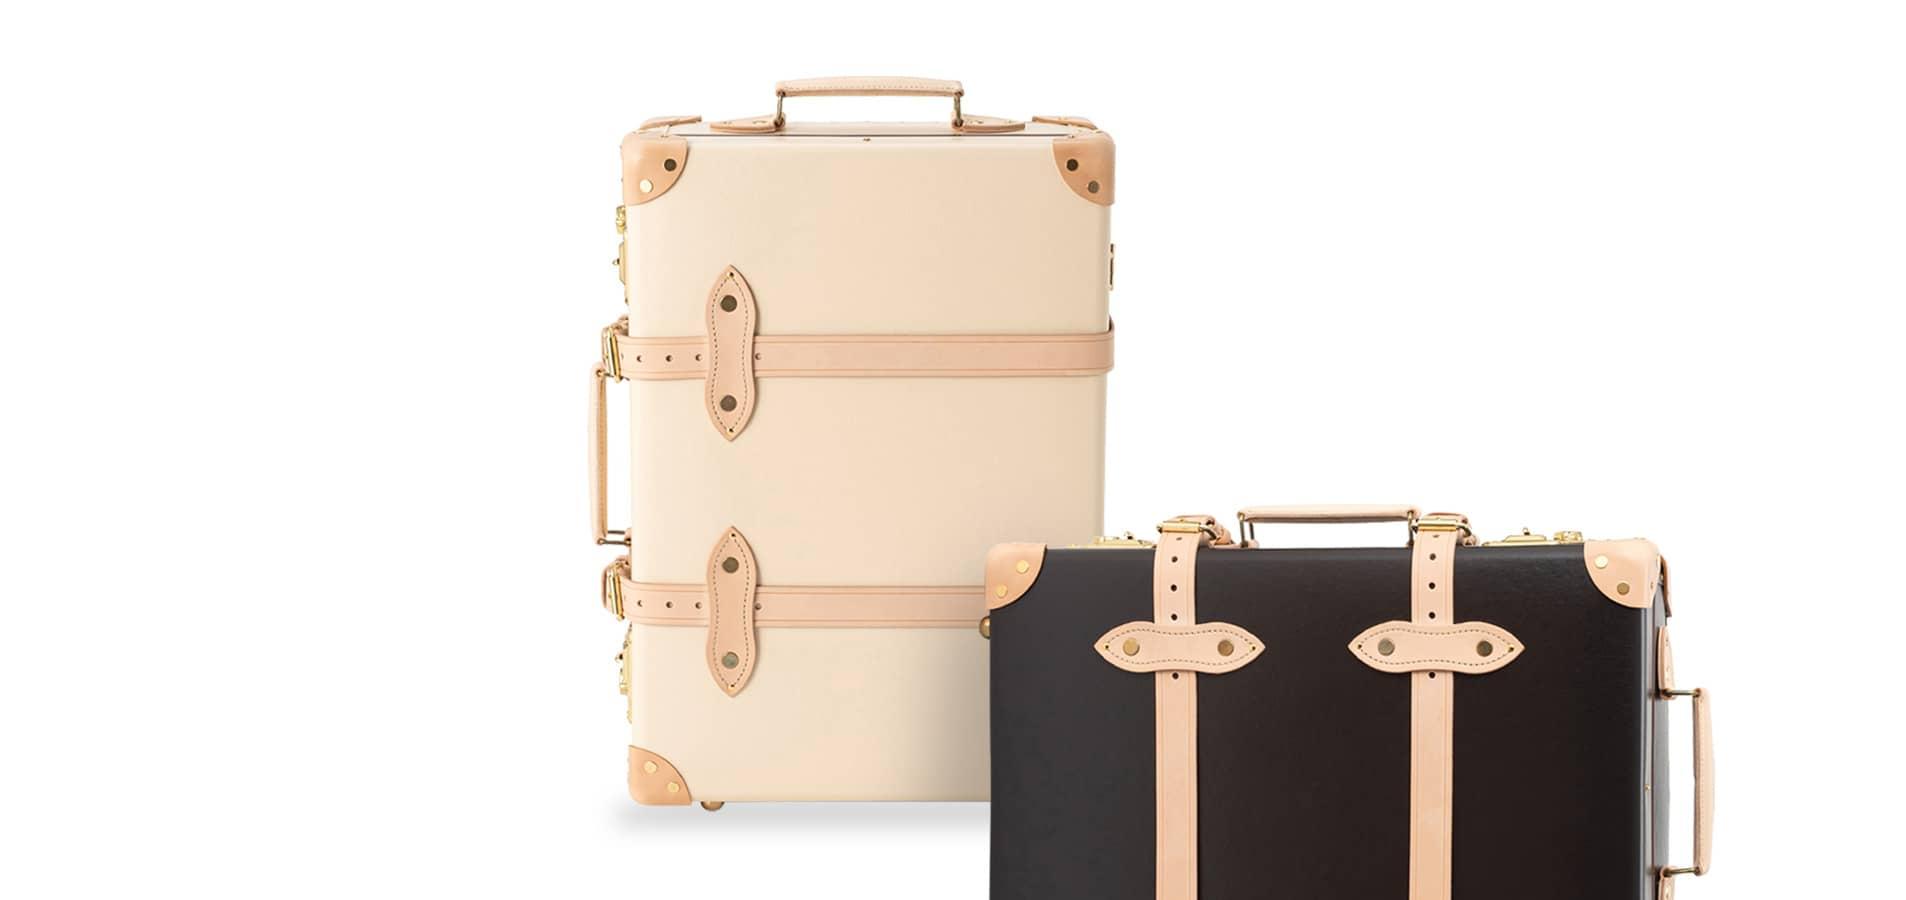 グローブトロッターのスーツケースレンタル